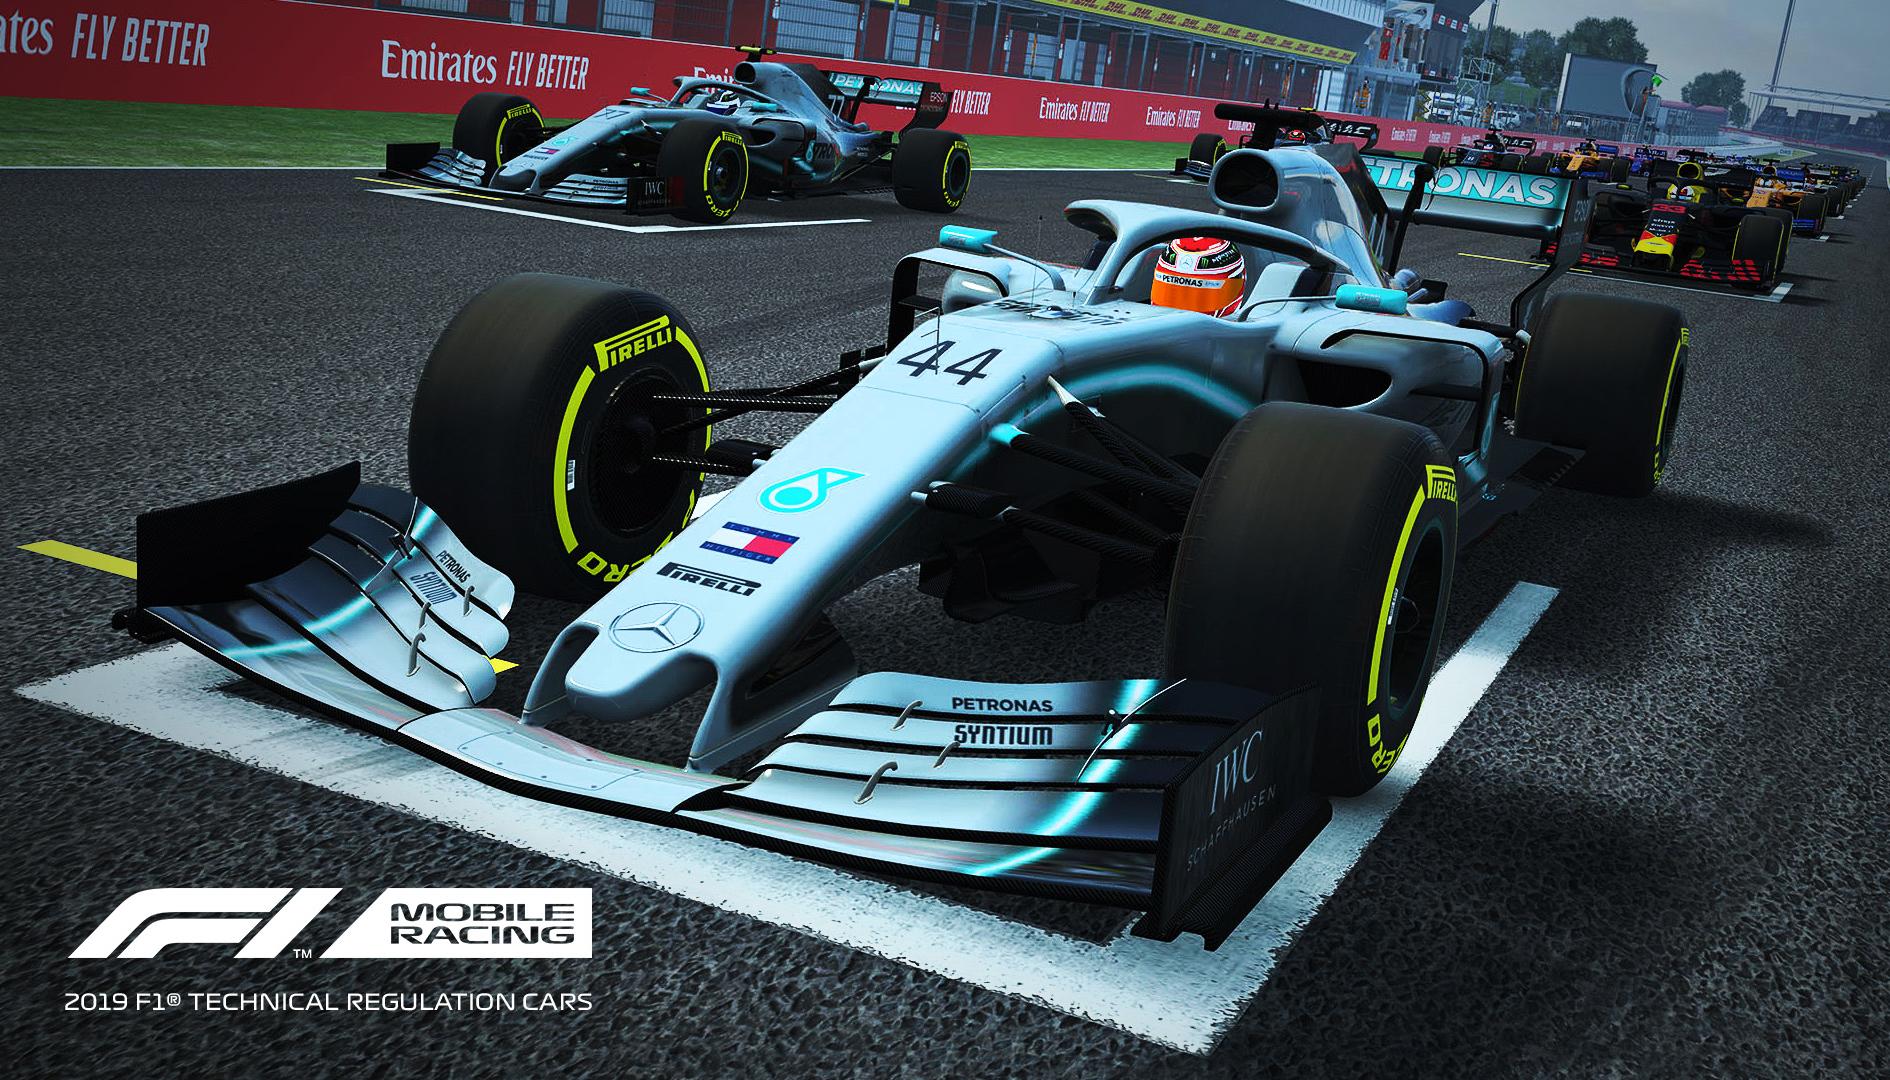 F1, Codemasters rinnova la licenza fino al 2025